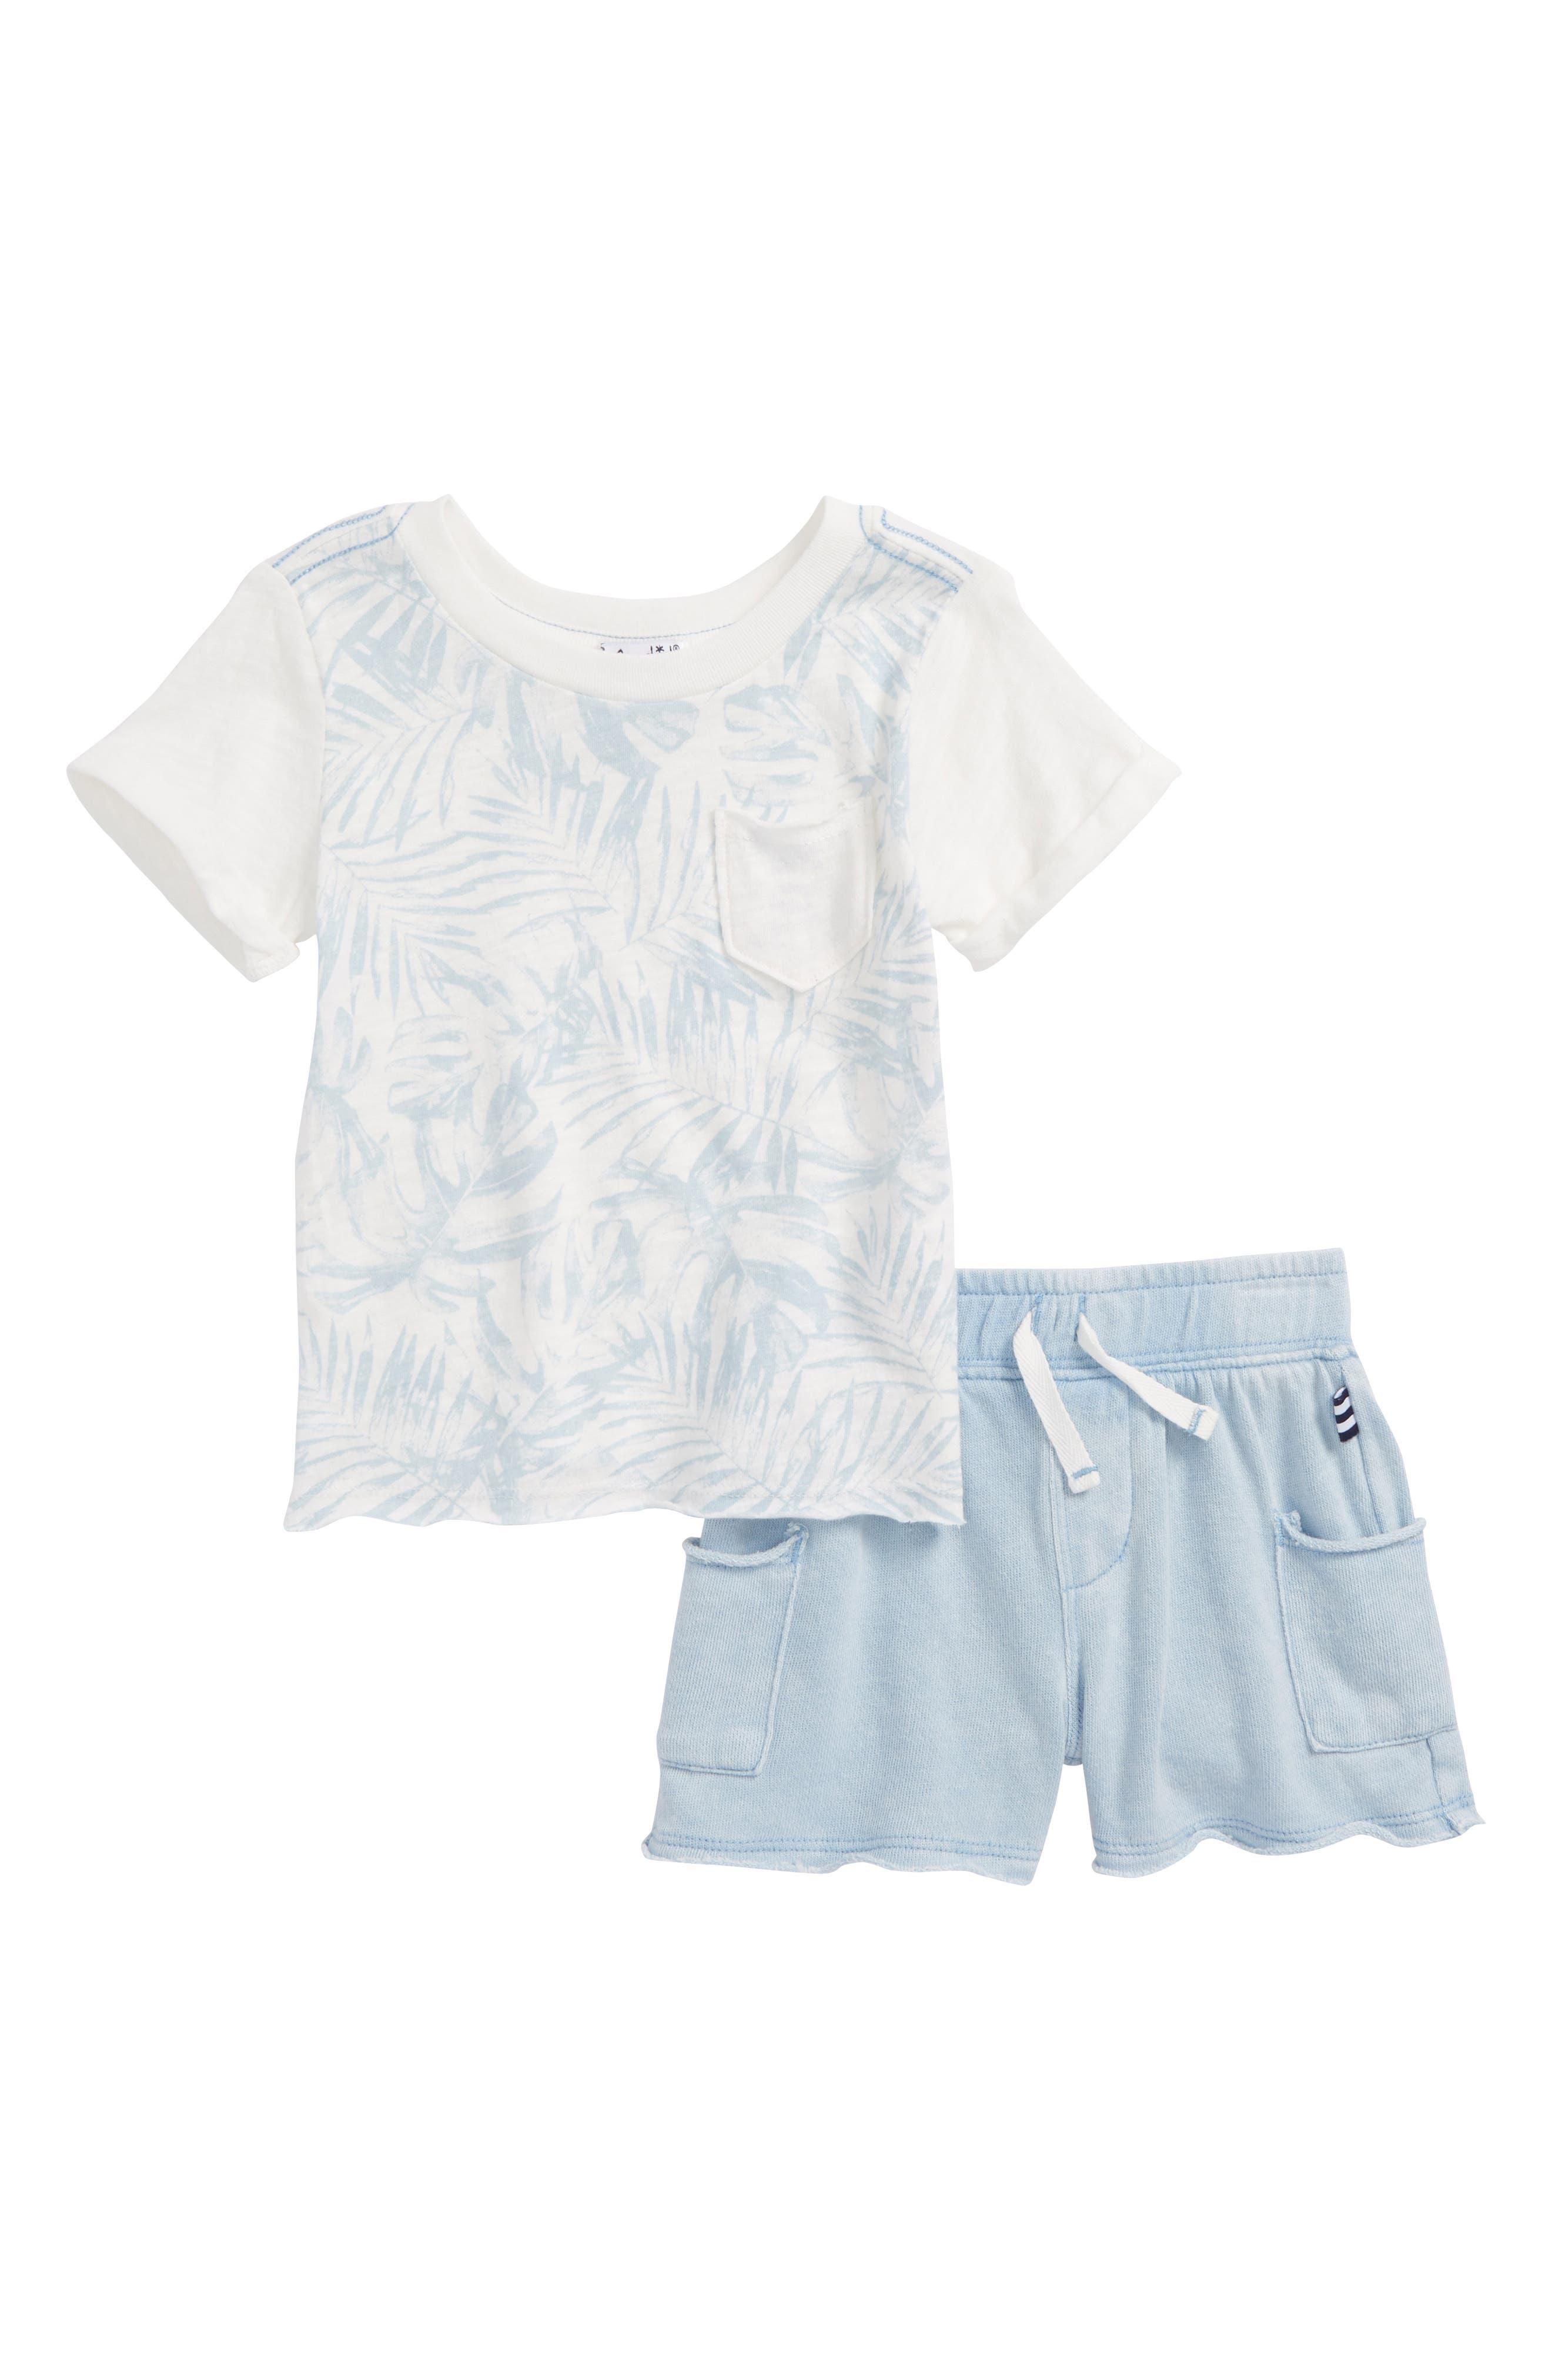 Pocket T-Shirt & Shorts Set,                             Main thumbnail 1, color,                             400